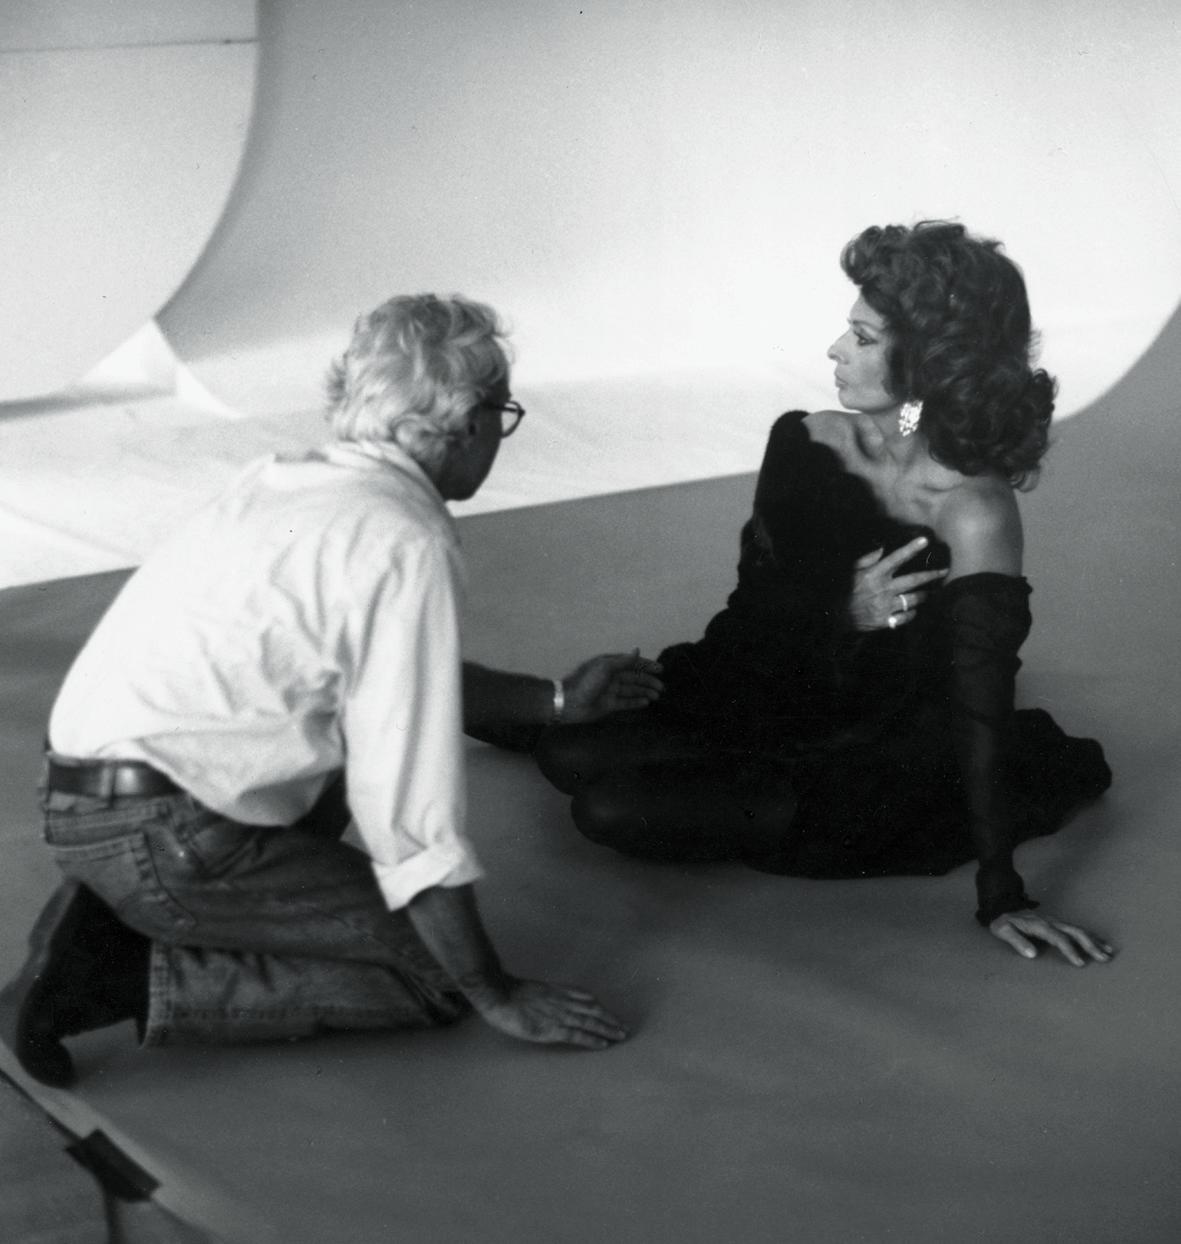 Sophia Loren, che lega la propria immagine al brand - ormai diventato icona della pellicceria italiana, attraverso l'obbiettivo di un maestro della fotografia come Gianpaolo Barbieri.